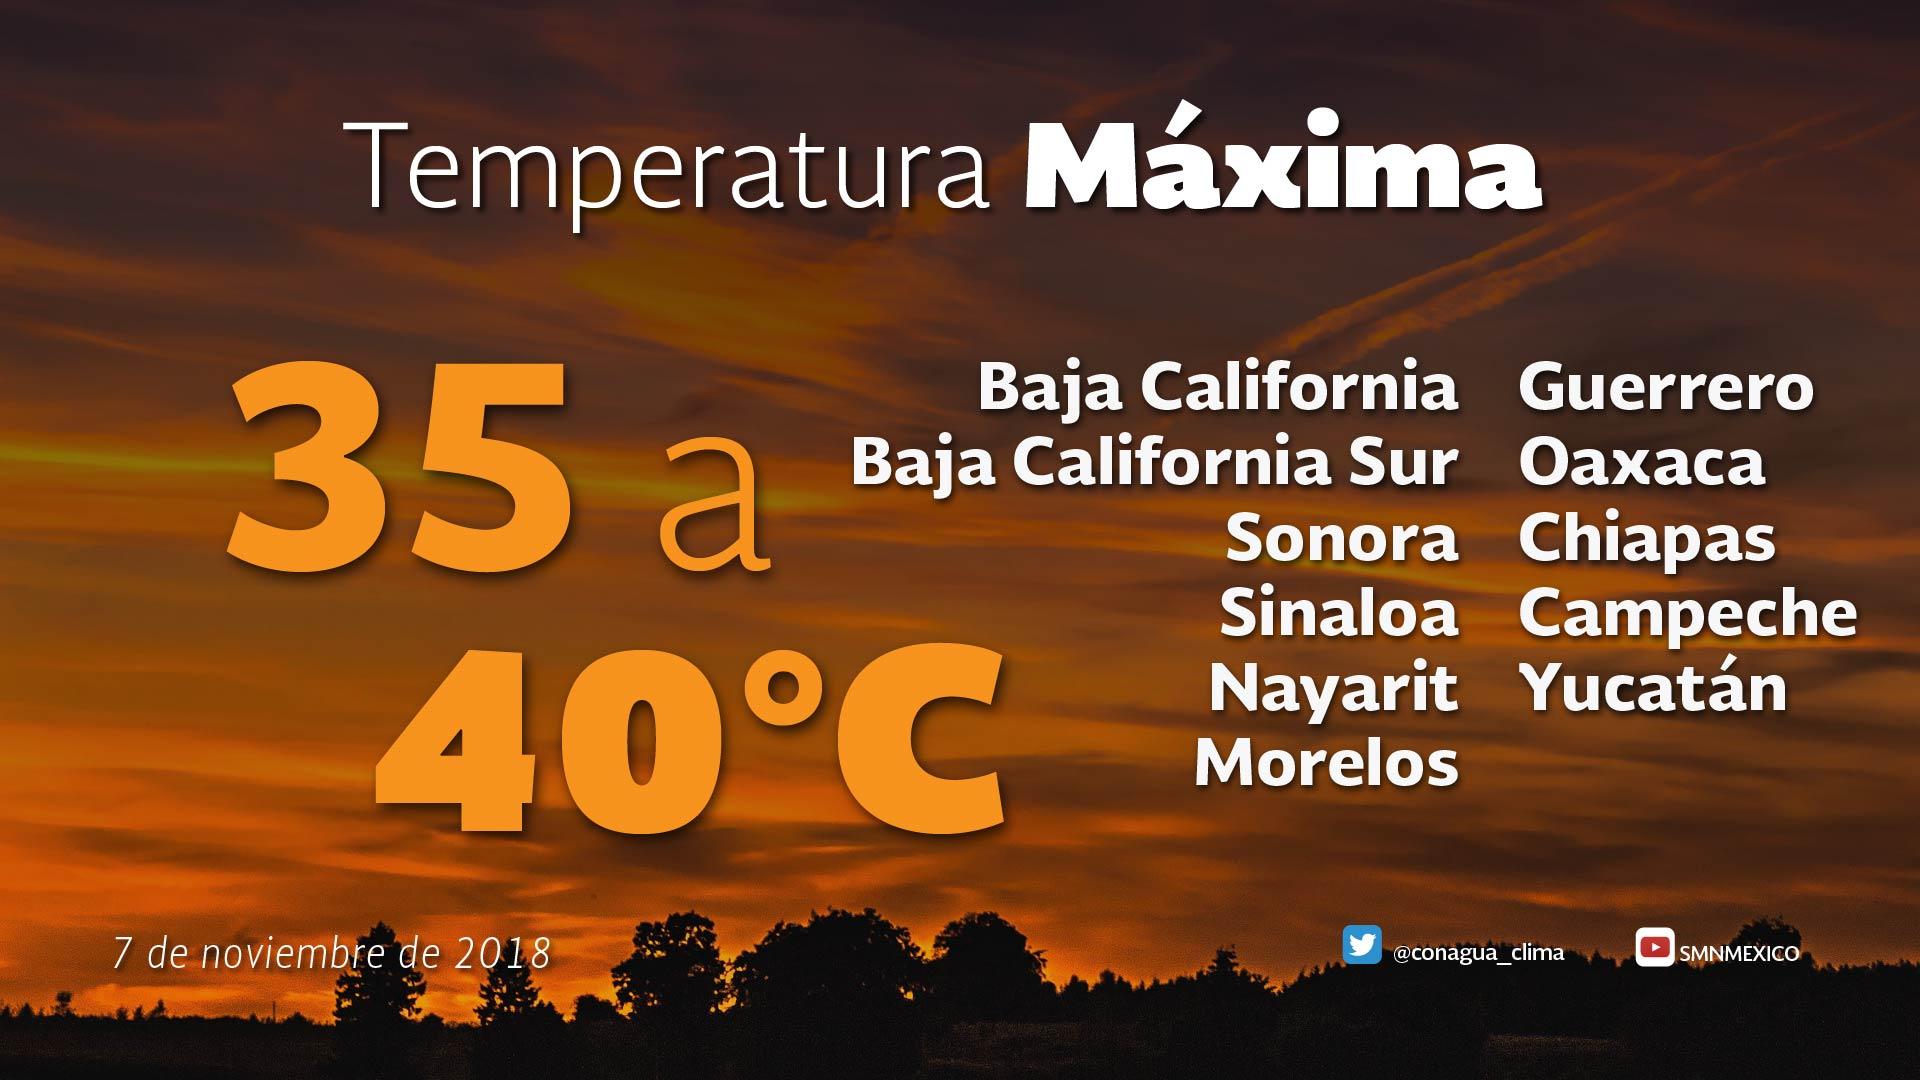 Se prevé cielo despejado y ambiente cálido durante el día para Tlaxcala